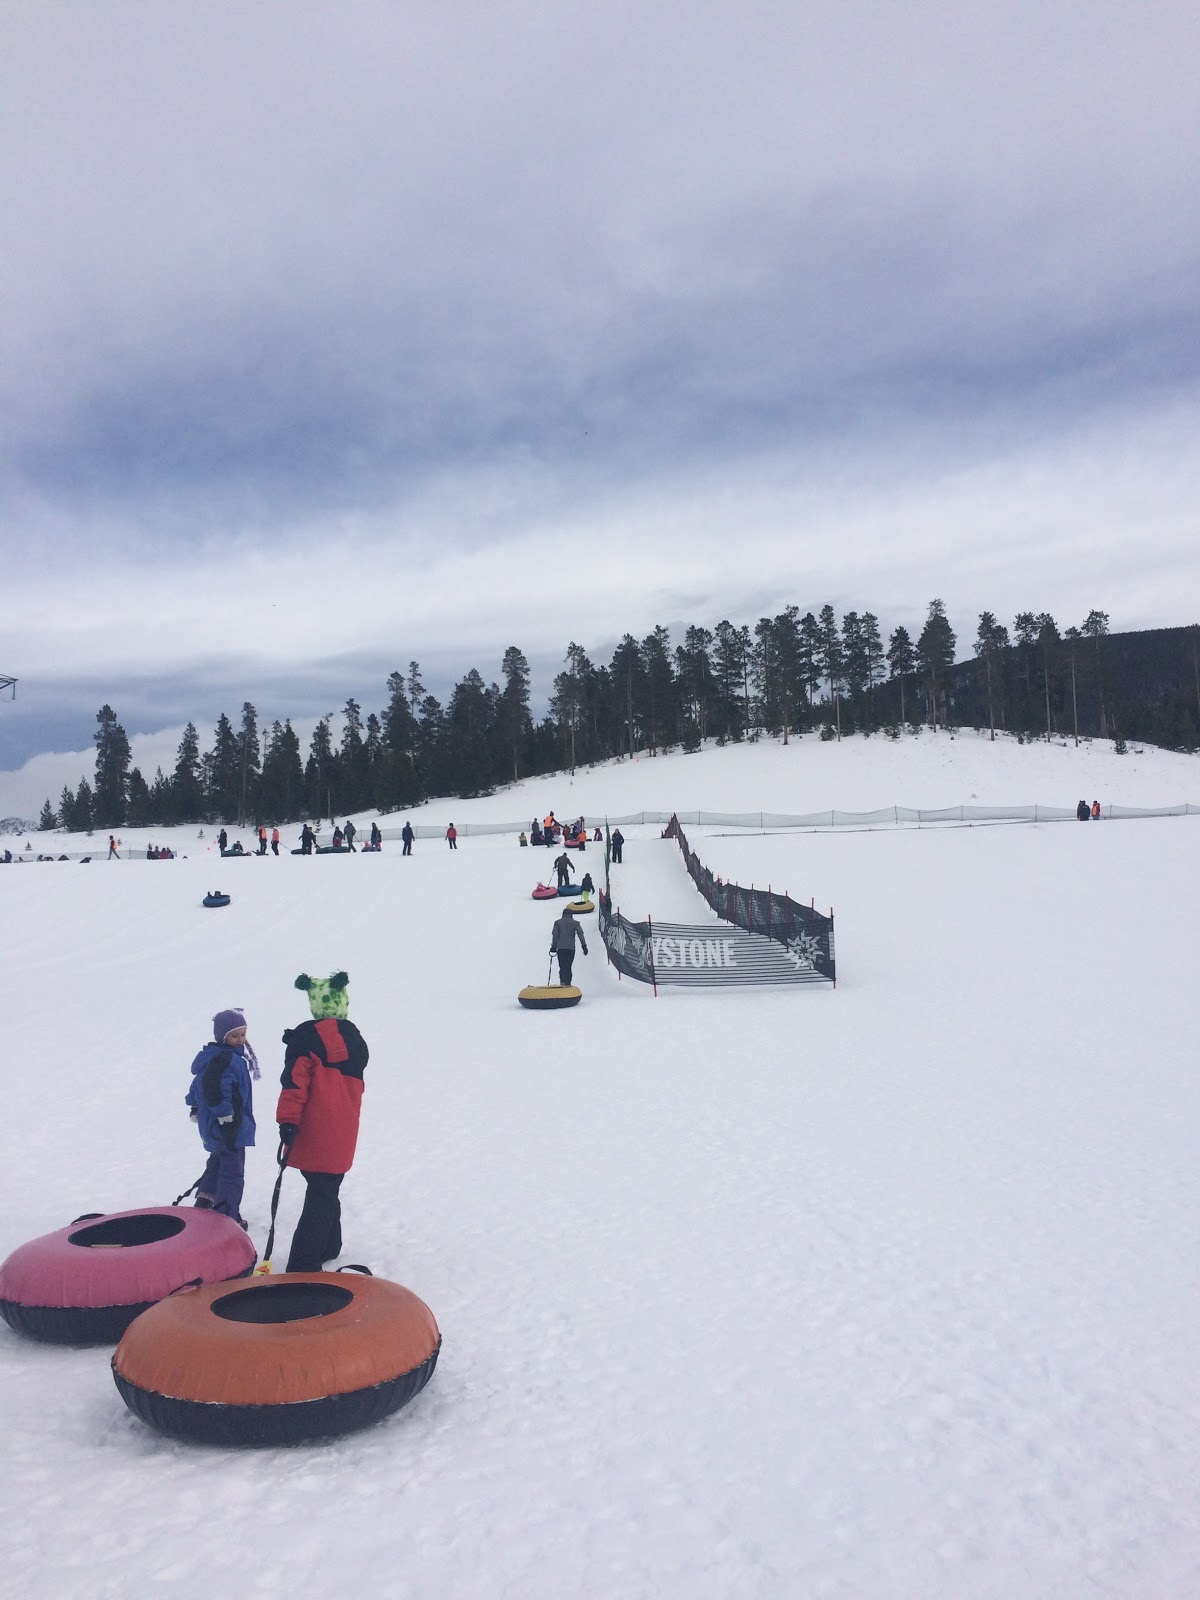 winter park colorado skiing tubing